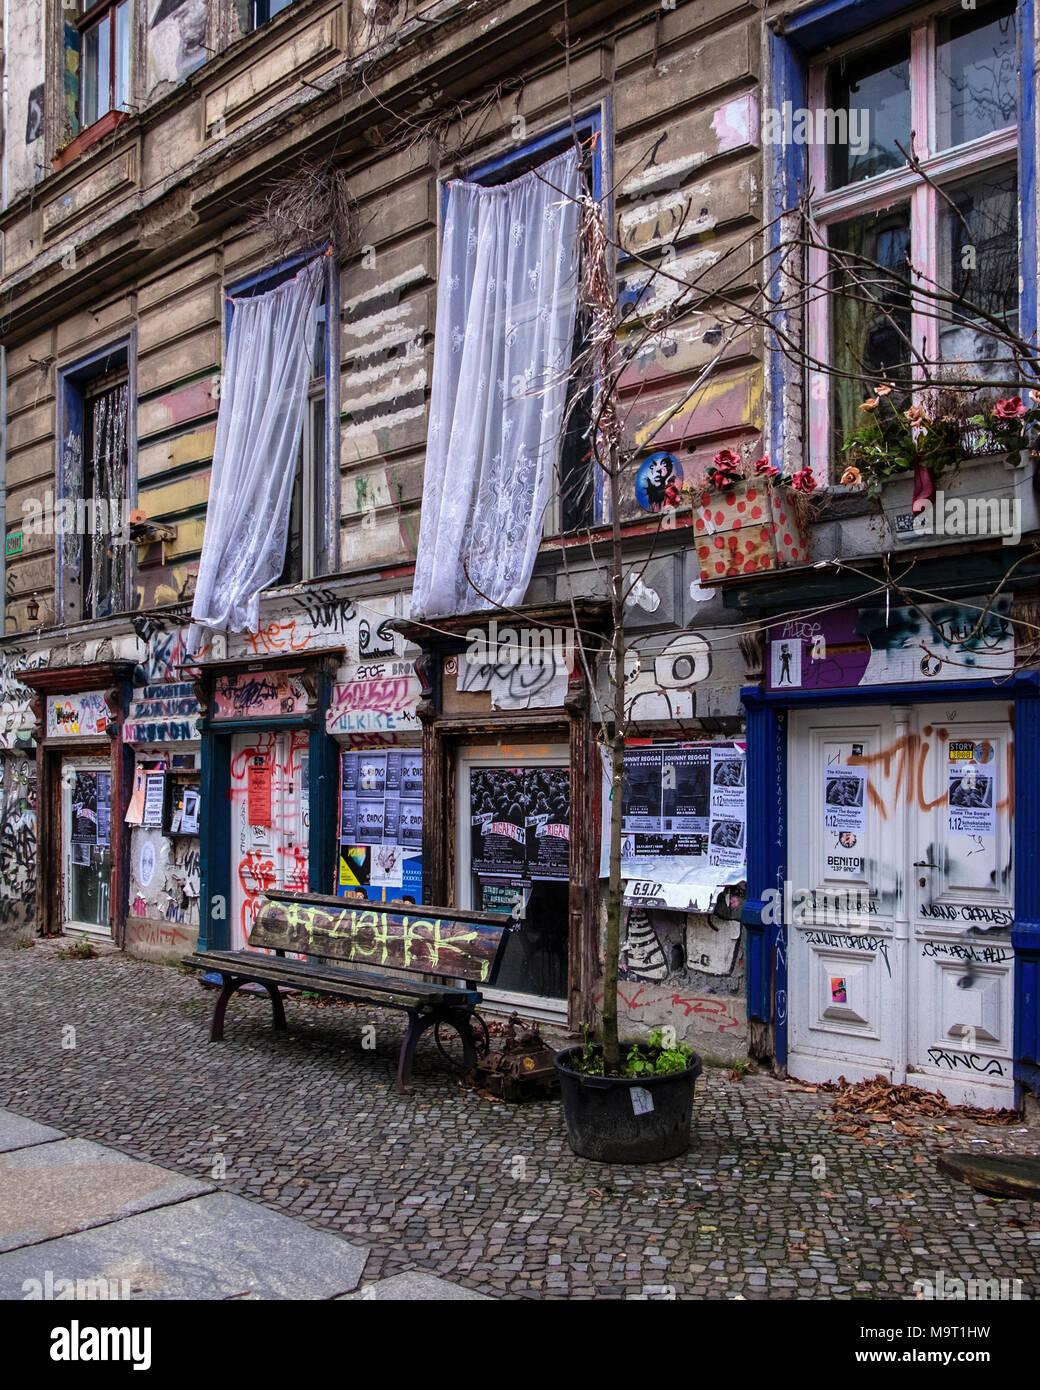 Berlin, Prenzlauerberg, KA-86. Fassade des ehemaligen verfallenen niedriges Gebäude mit Plakaten und Vorhänge vor dem Fenster hängen, Schrulligen äußere Verzierung Stockbild